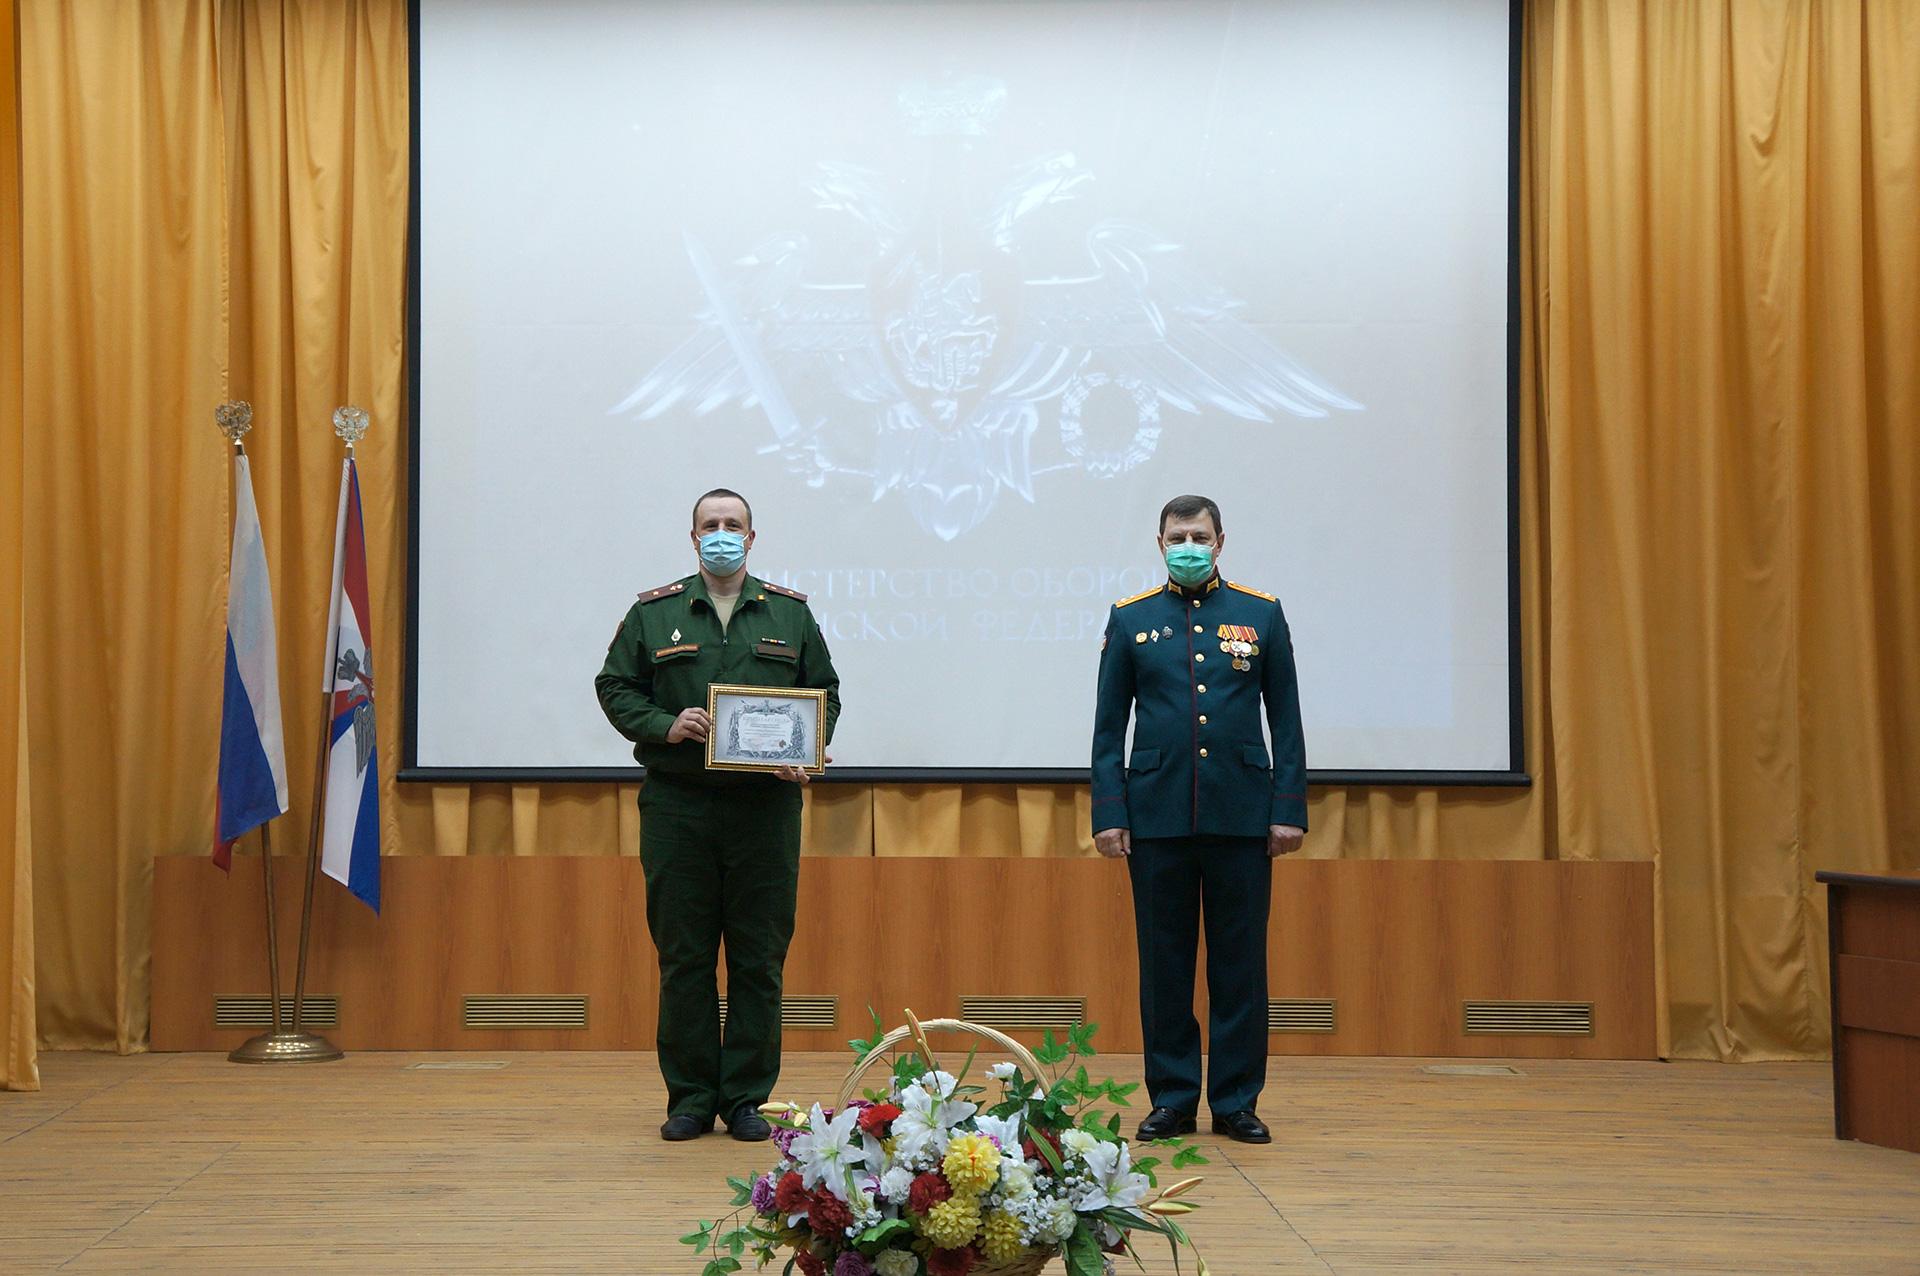 торжественные мероприятия посвященные 76 годовщине Победы в Великой Отечественной войне